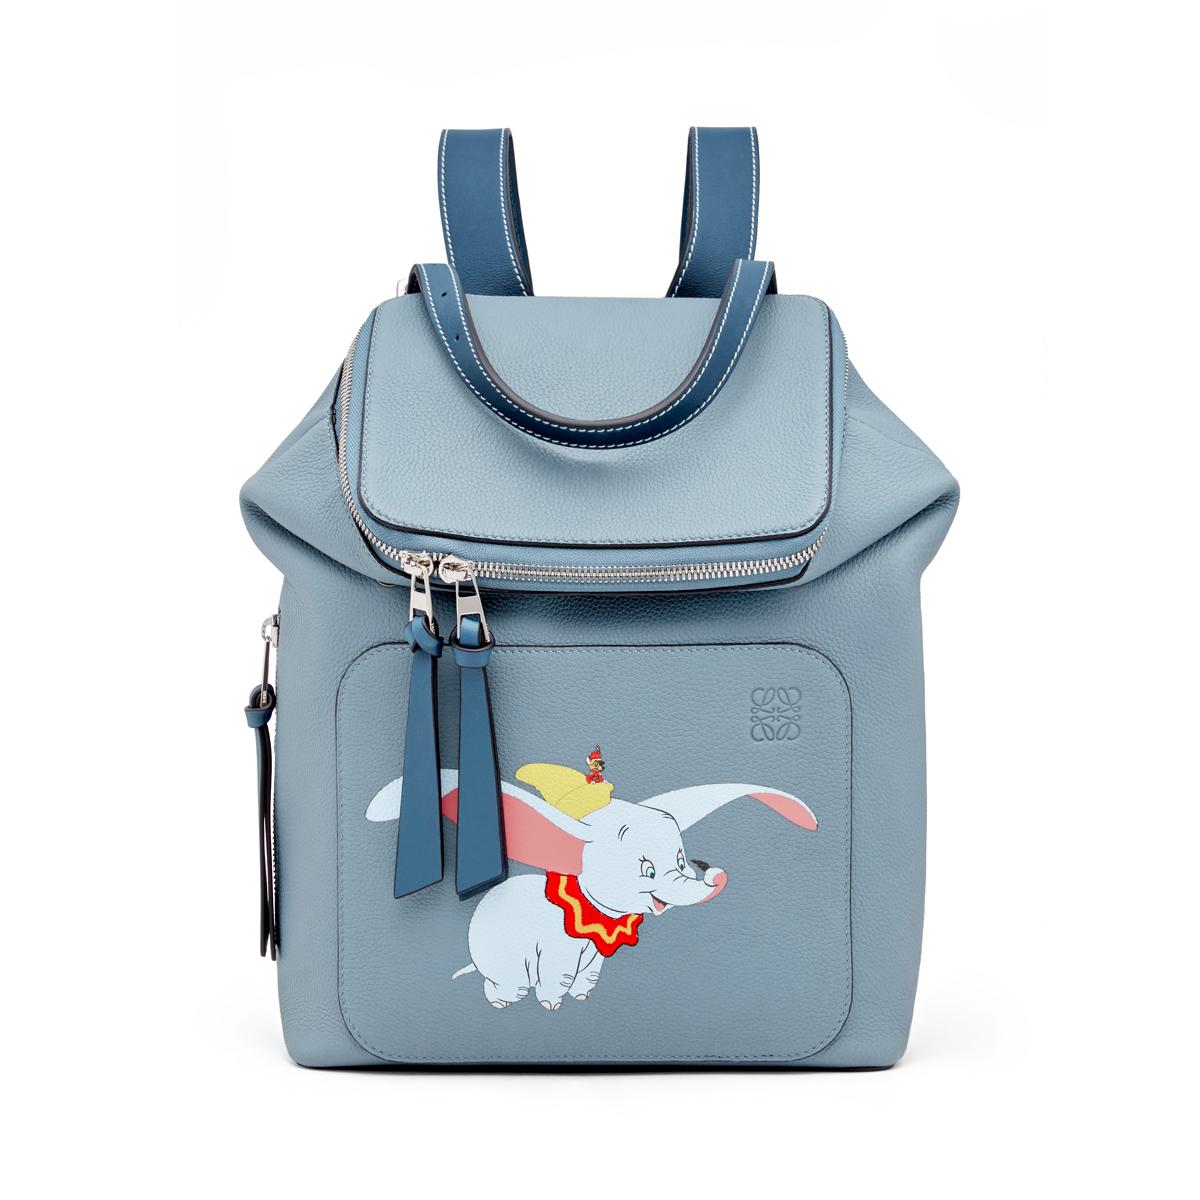 Loewe Goya Dumbo Small Backpack Stone Blue, HKD 19,700